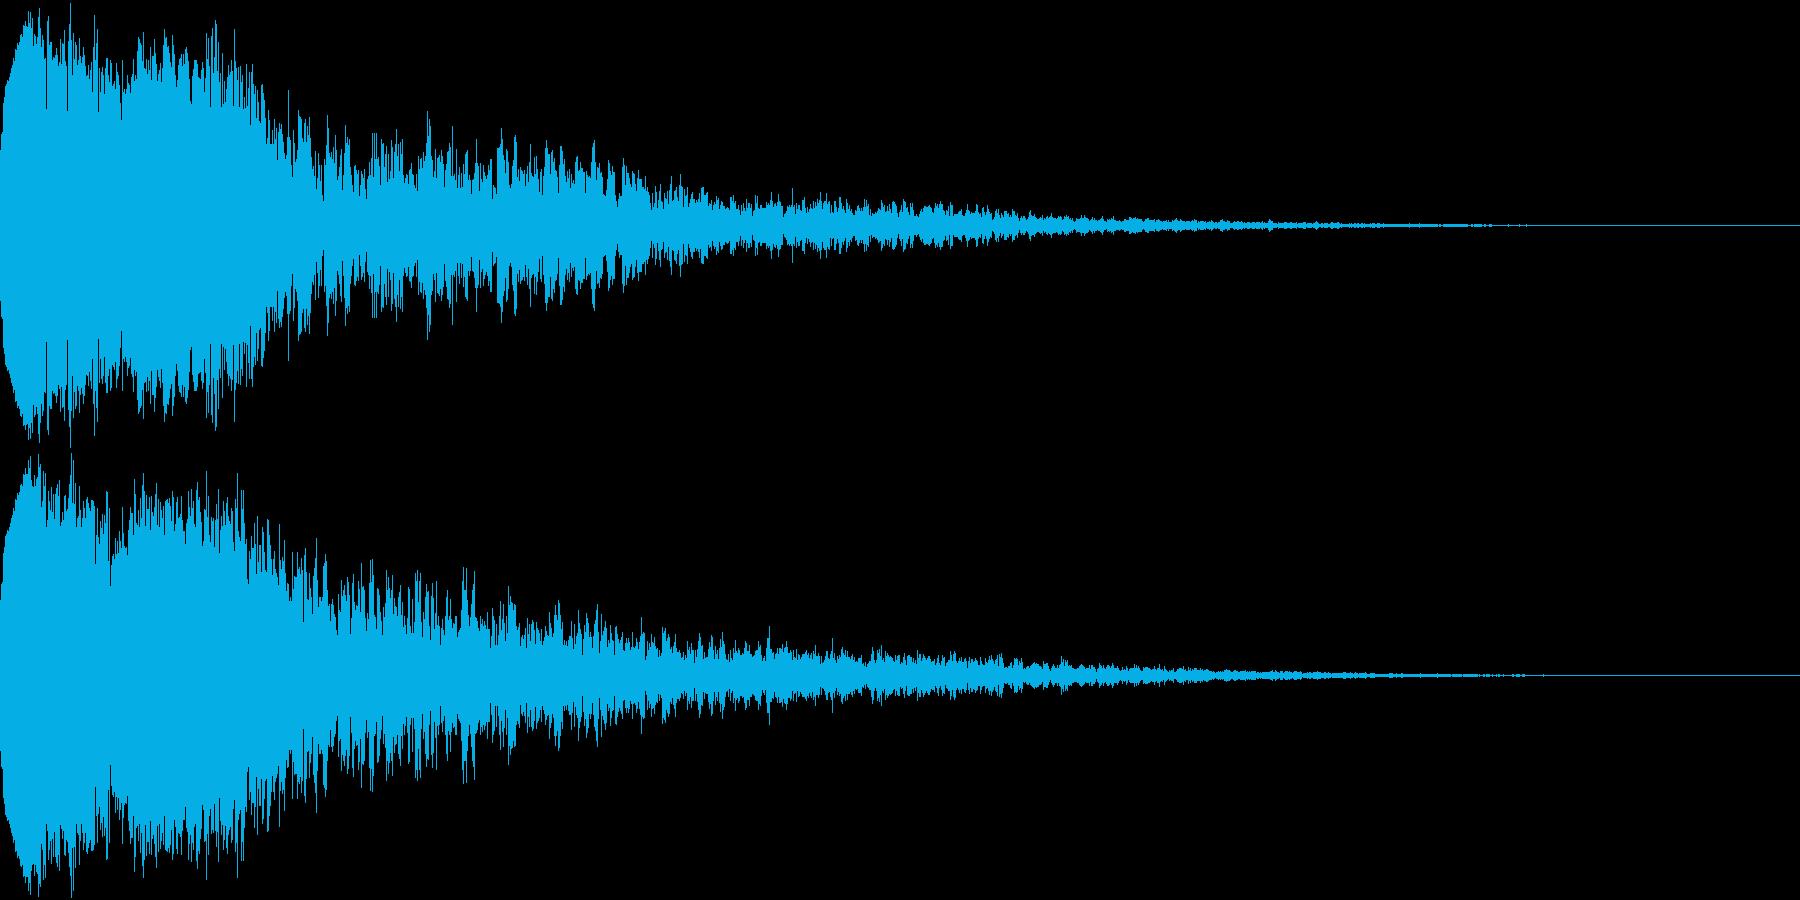 ピコン ピコ チャリン キュイン 4の再生済みの波形